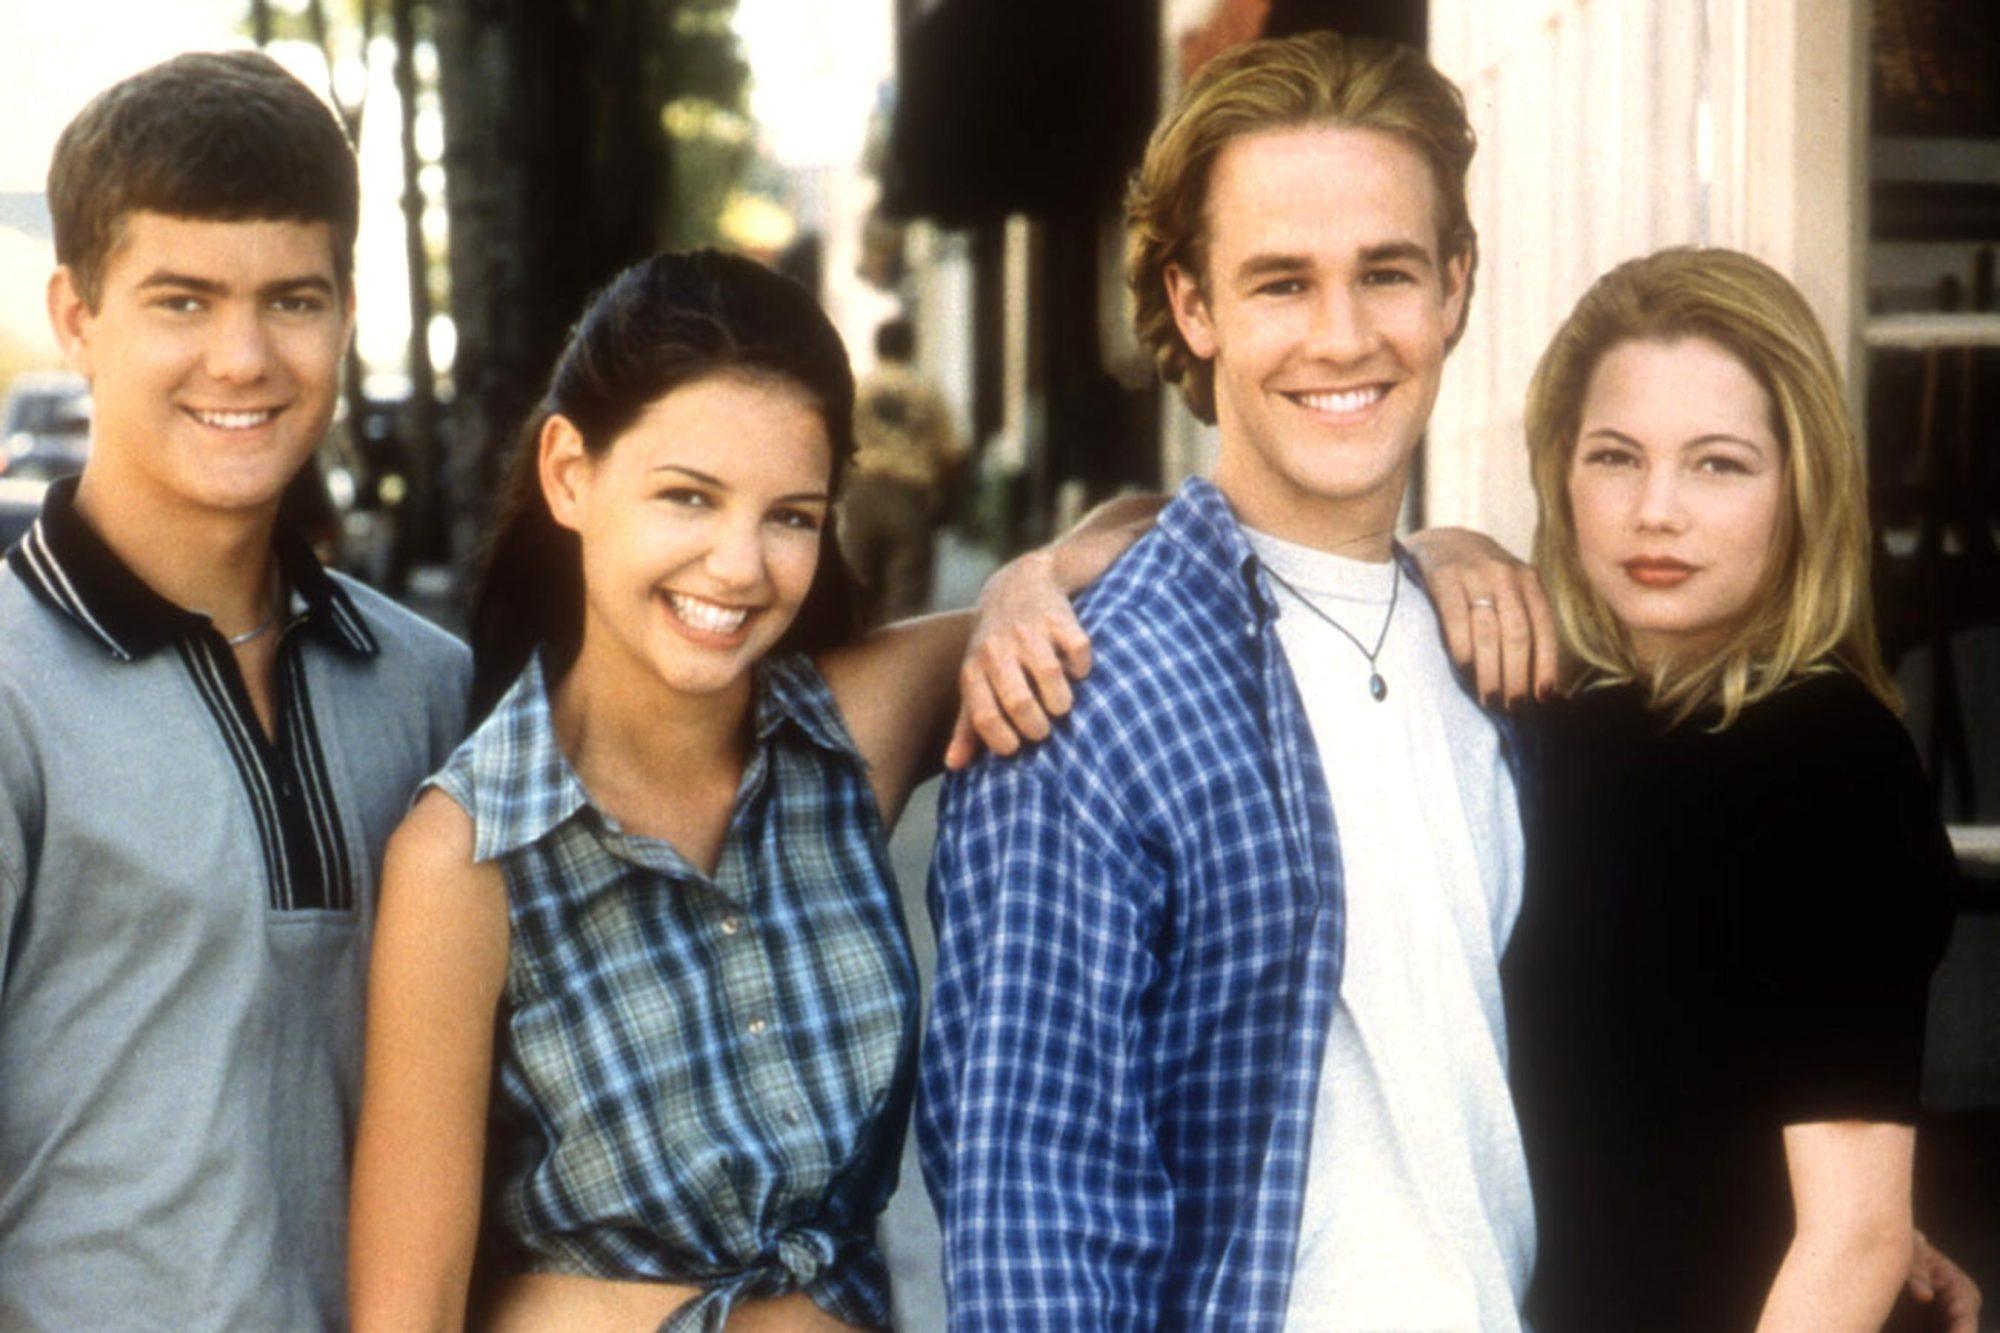 DAWSON'S CREEK, Joshua Jackson, Katie Holmes, James Van Der Beek, Michelle Williams, yr1, 1998, 1998